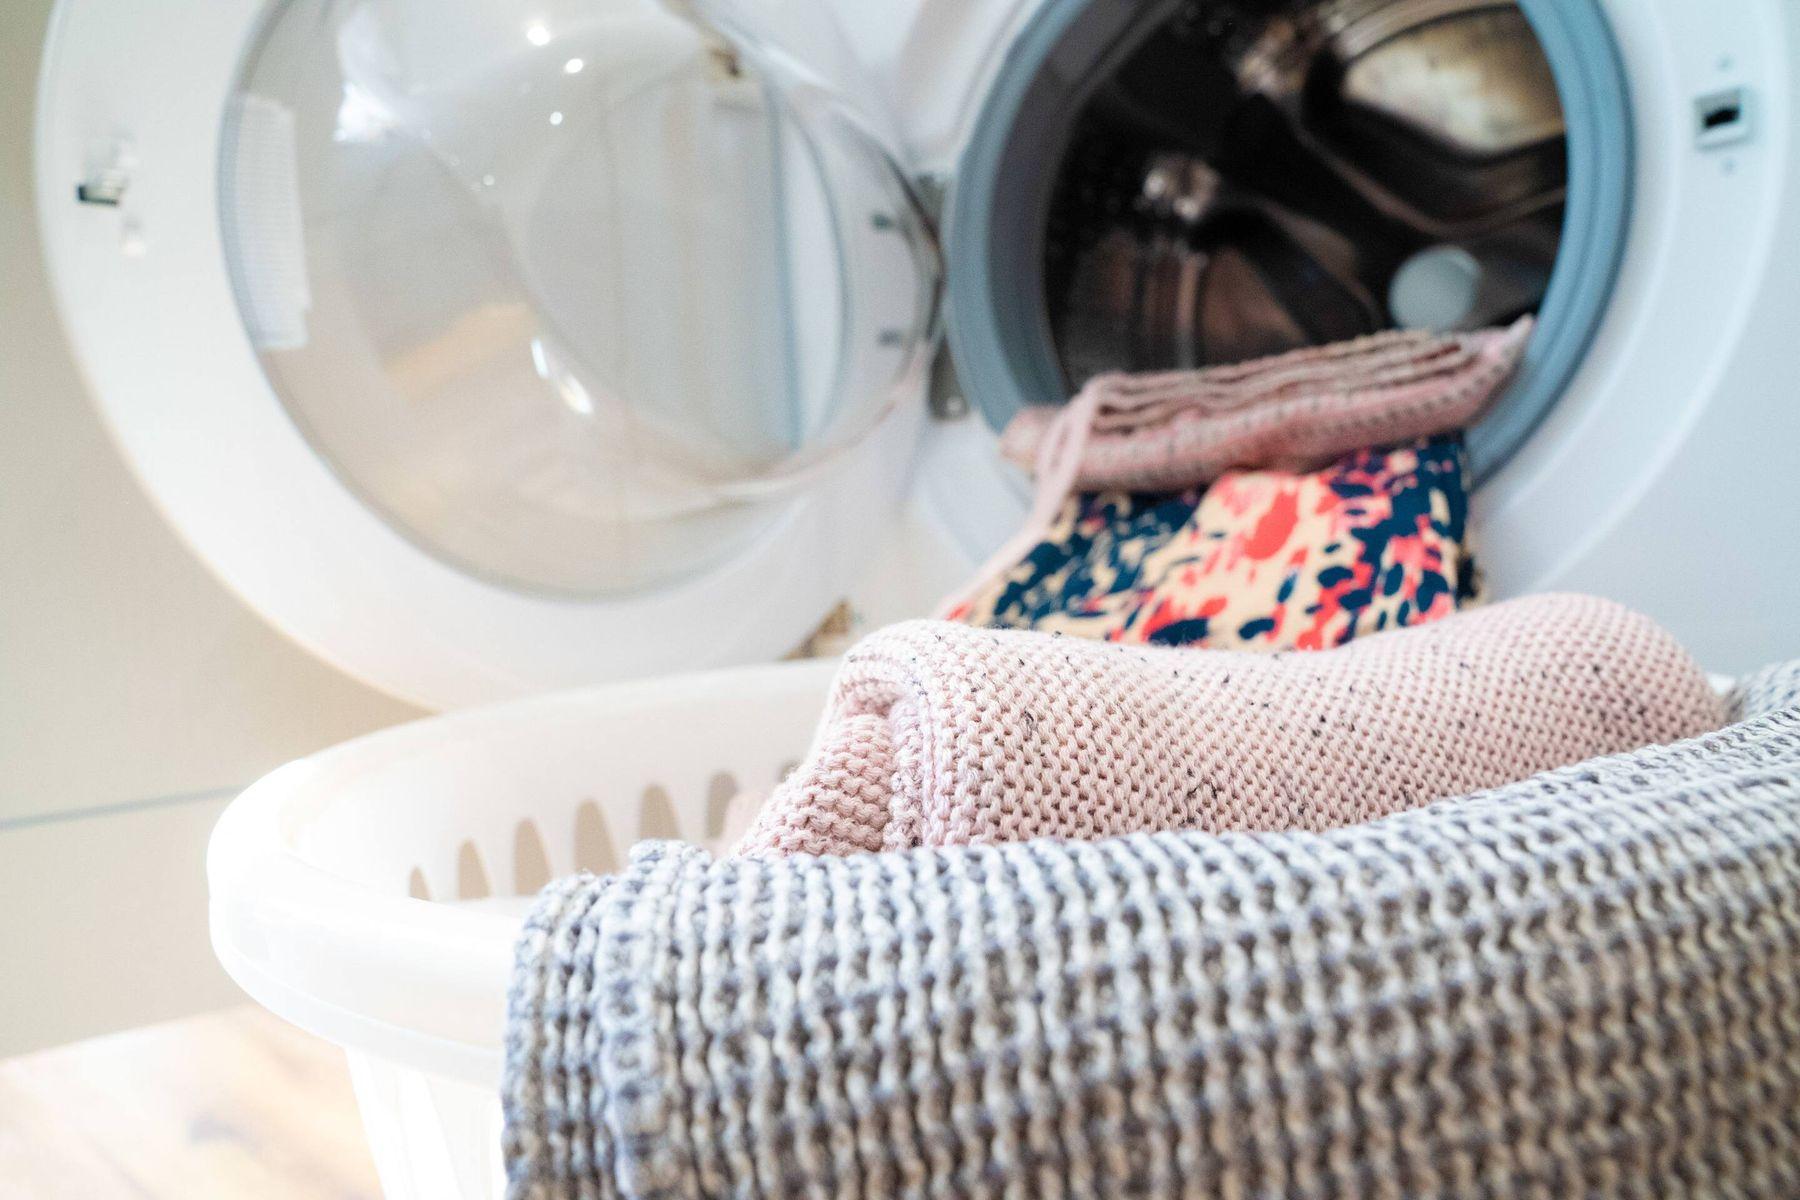 Mẹo giặt quần áo sạch tại nhà để phòng ngừa dịch bệnh